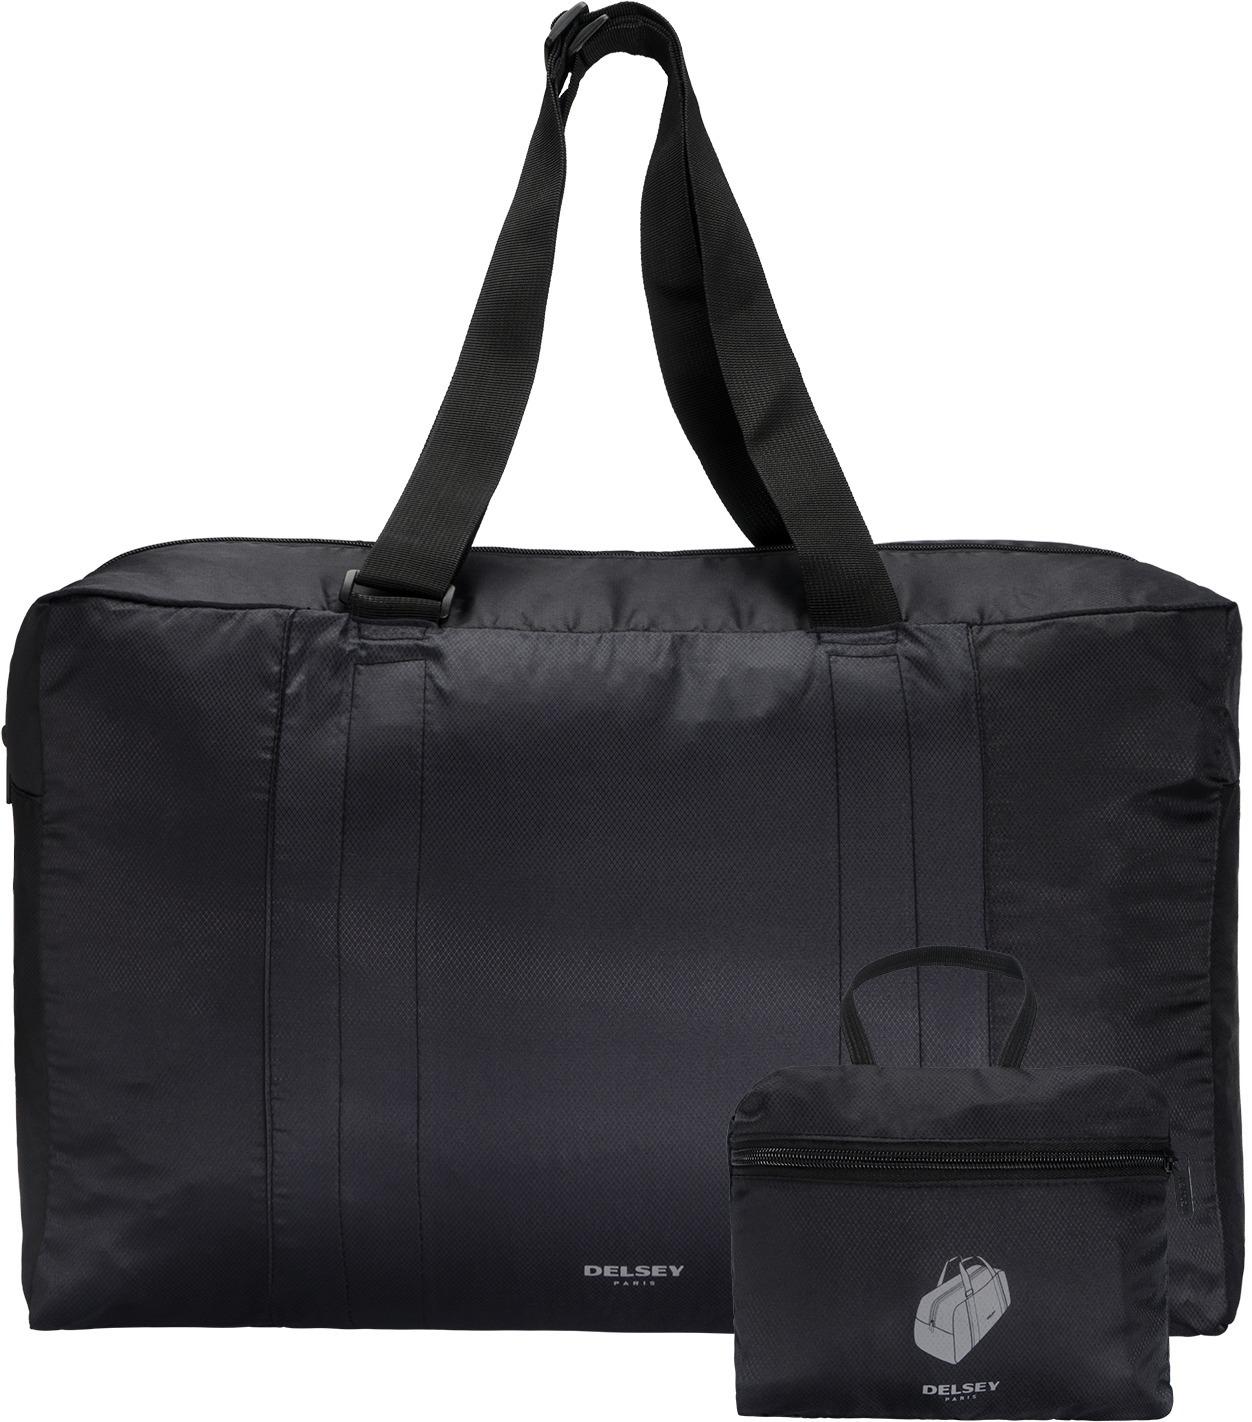 4af05a3d6671 Купить складную дорожную сумку Delsey Chrysalis Effect в Санкт ...